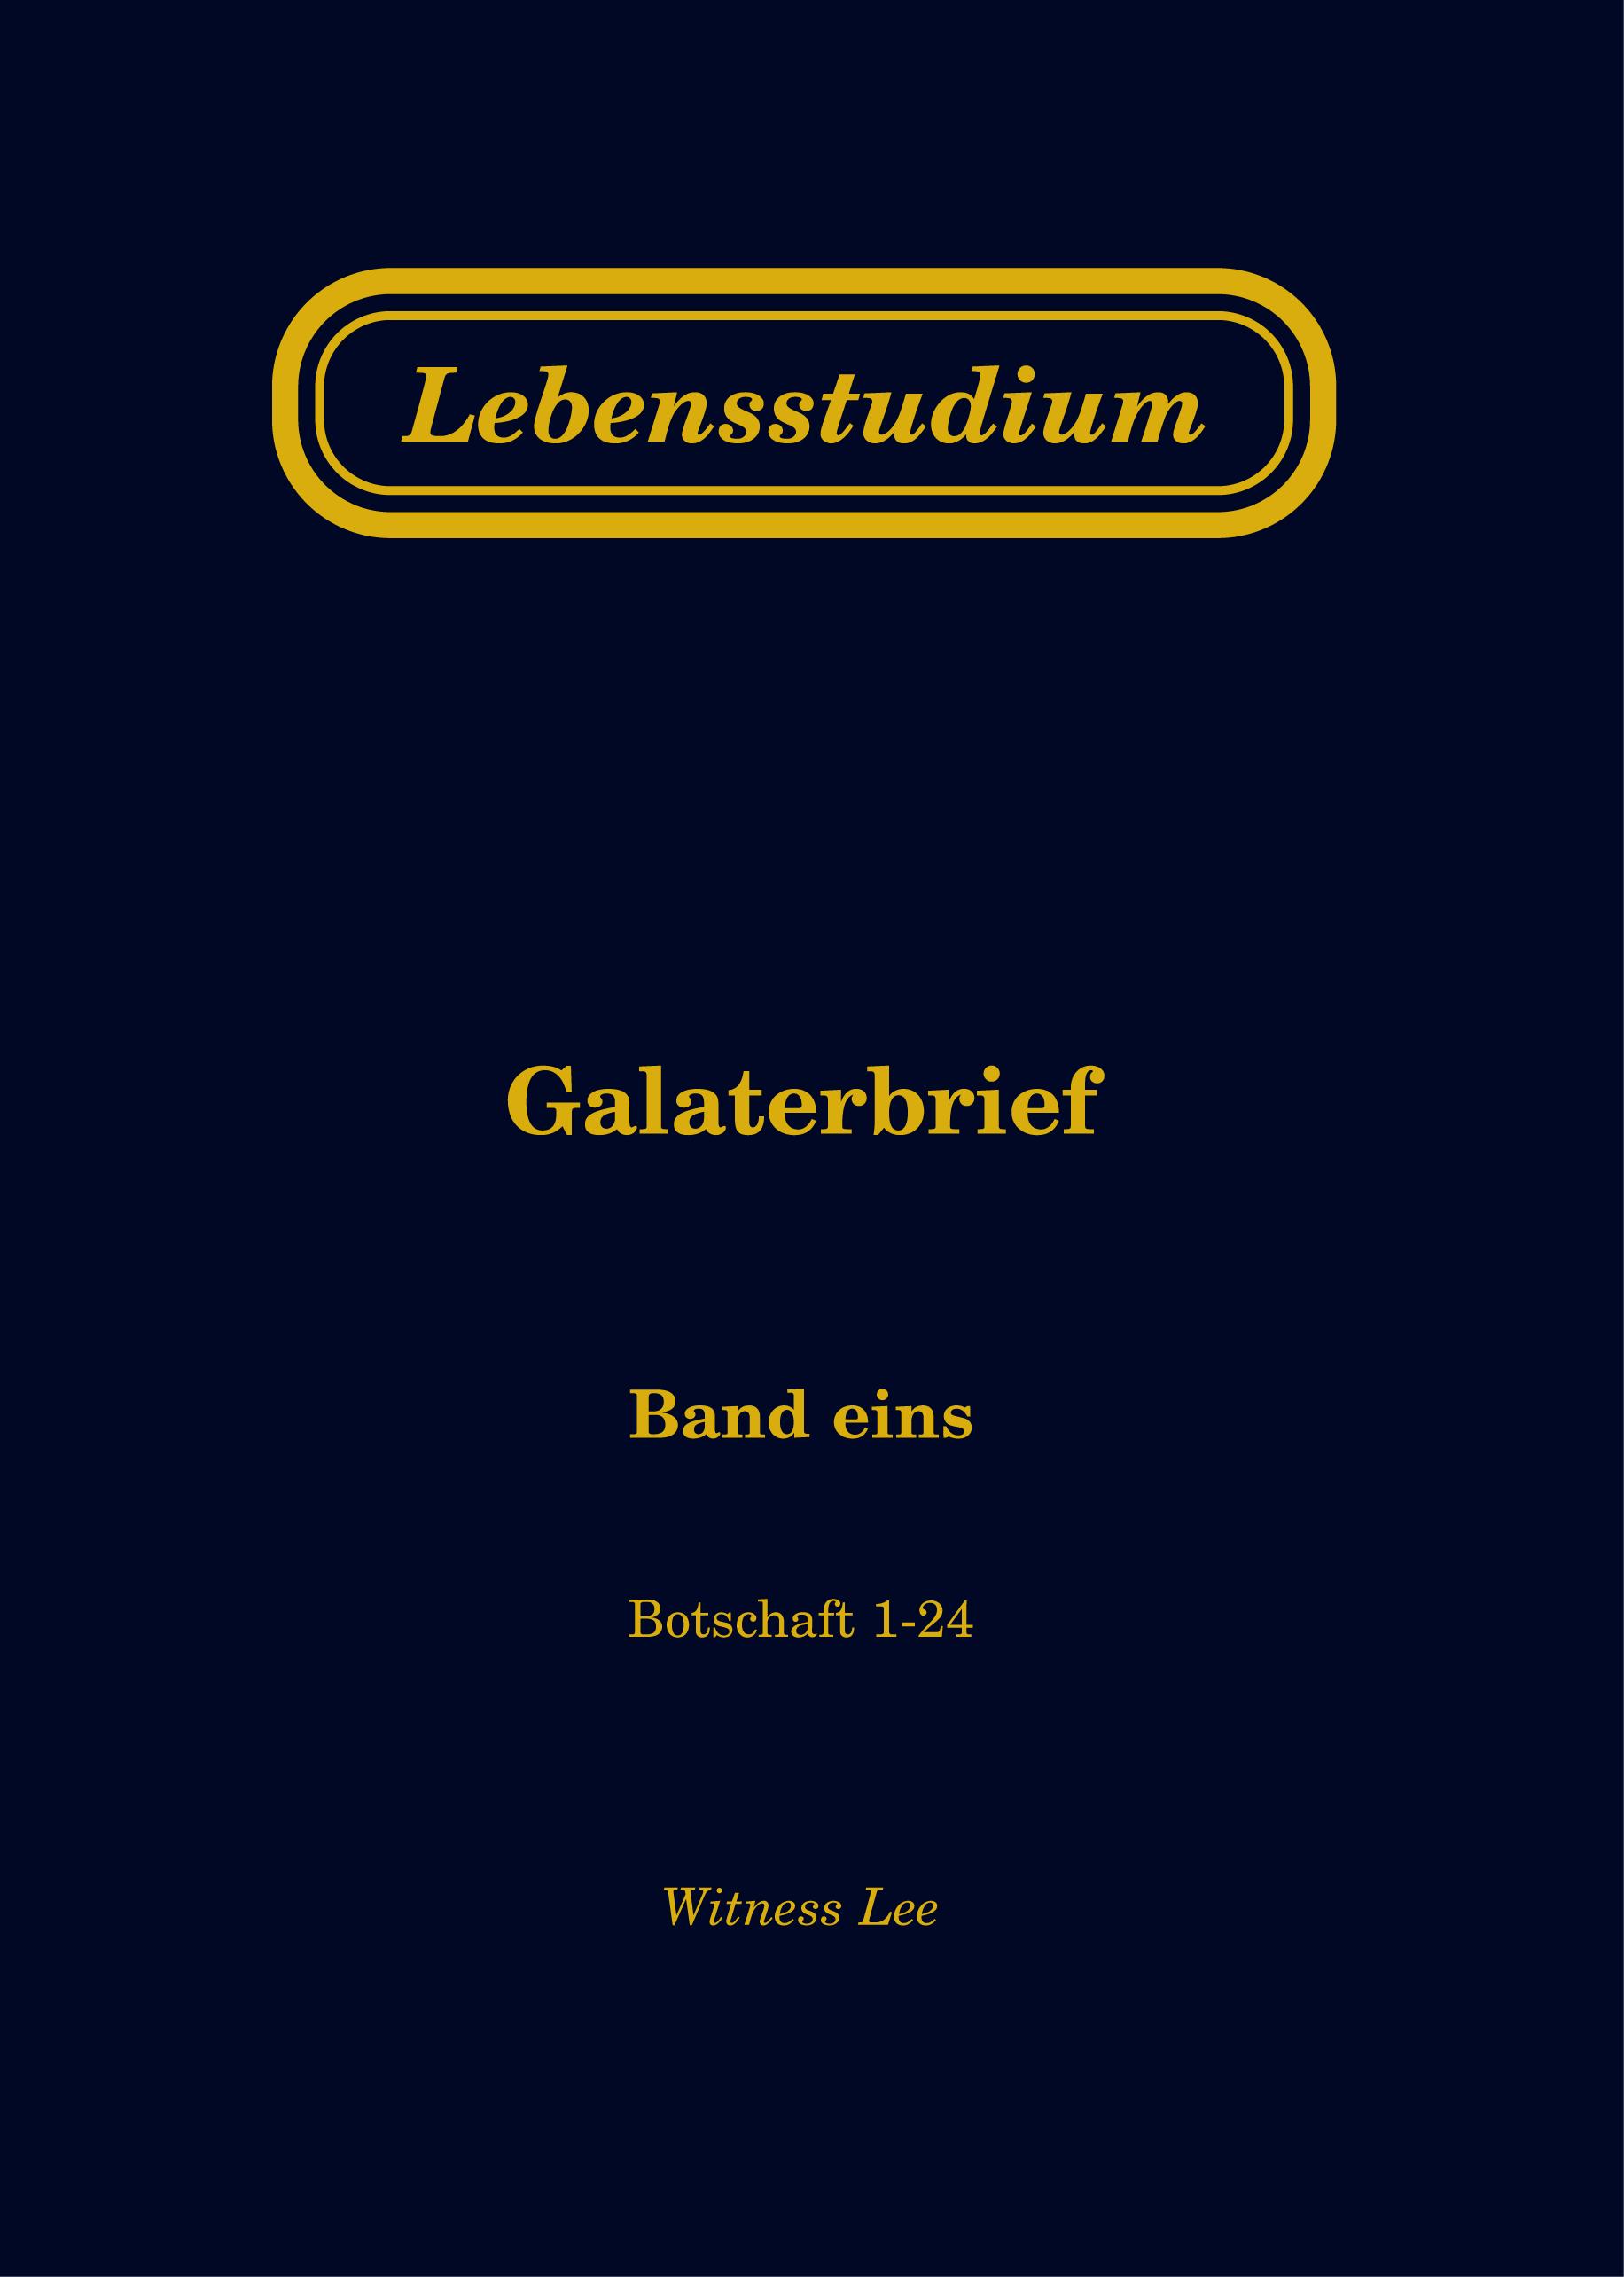 Lebensstudium Galaterbrief